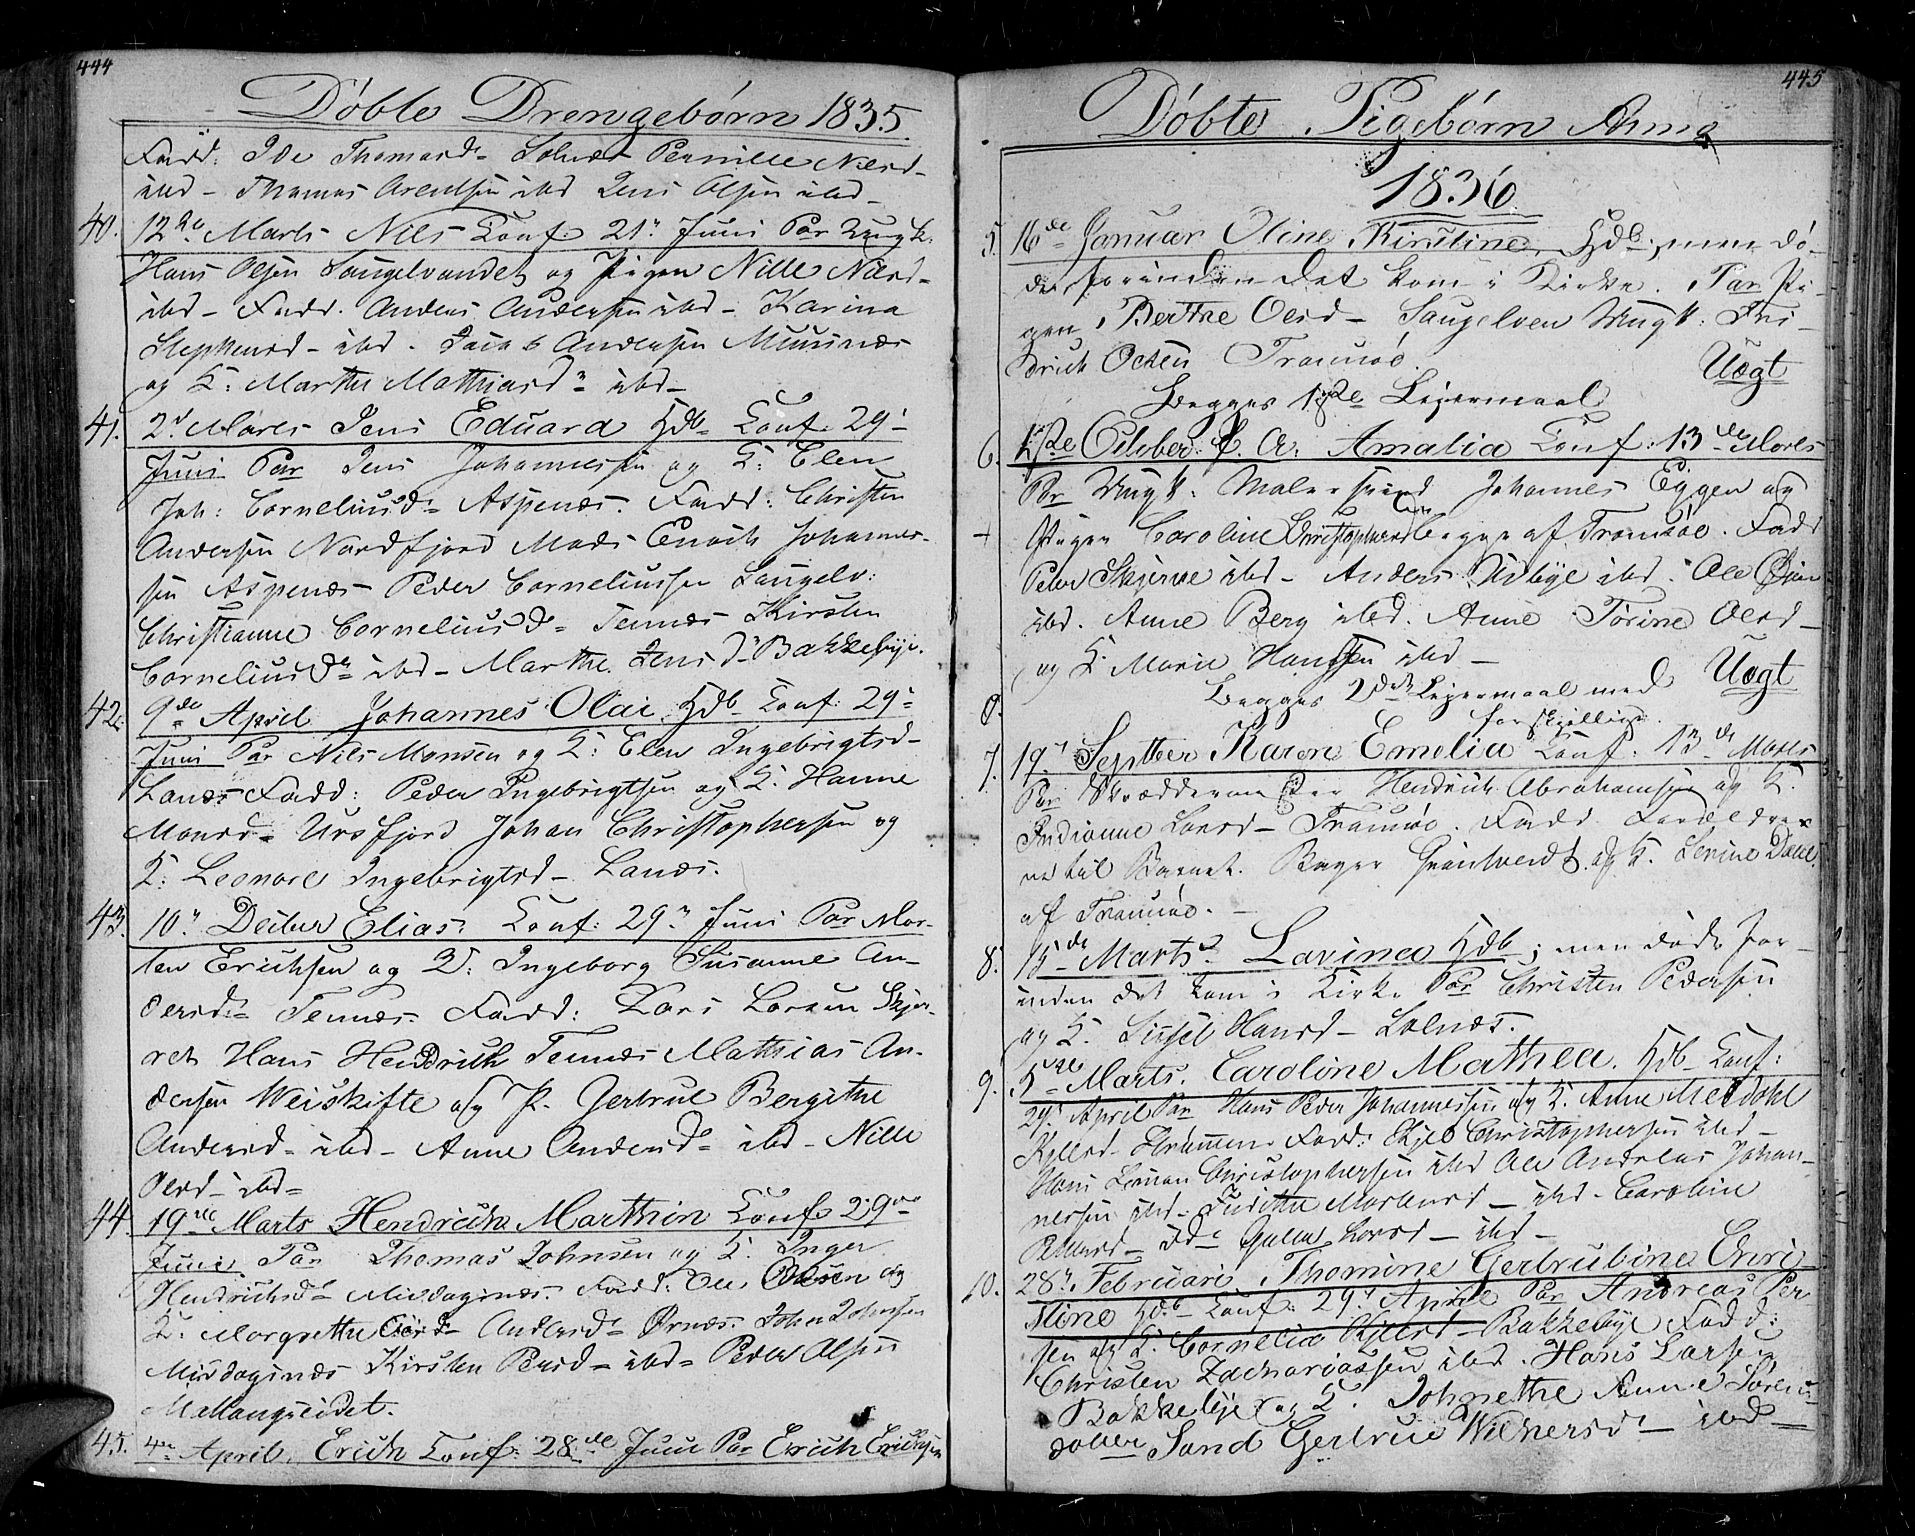 SATØ, Tromsø sokneprestkontor/stiftsprosti/domprosti, G/Ga/L0008kirke: Ministerialbok nr. 8, 1829-1837, s. 444-445